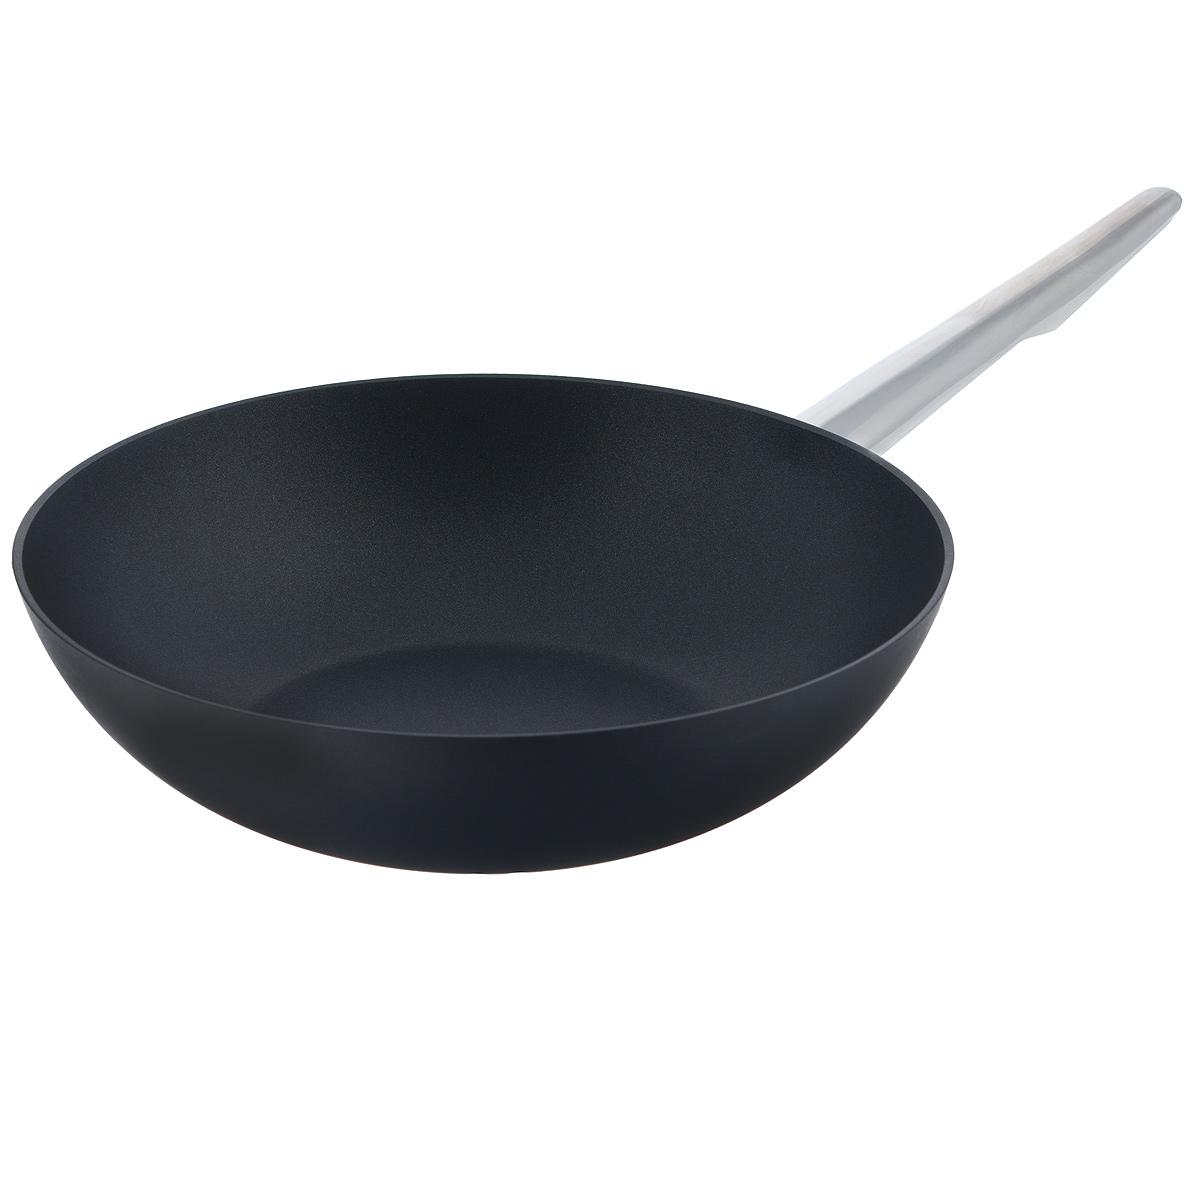 Сковорода-вок TVS Maestrale, с антипригарным покрытием, цвет: черный. Диаметр 28 см1V761283310001Сковорода-вок TVS Maestrale выполнена из алюминия с внешним лаковым покрытием черного цвета и обладает превосходной теплопроводностью. Внутреннее антипригарное покрытие Toptec позволяет готовить пищу с минимальным использованием масла. Прочная поверхность сковороды не боится механических повреждений.Эргономичная ручка, изготовленная из нержавеющей стали, имеет плавные формы, которые подчеркивают стиль сковороды. Сковорода-вок TVS Maestrale изготовлена из экологичных материалов, что делает ее пригодной для приготовления пищи детям.Подходит для всех видов плит, включая индукционные.Сковороду-вок TVS Maestrale можно использовать в духовому шкафу. Максимальная температура 230°С. Можно мыть в посудомоечной машине.Особенностью коллекции Maestrale является фурнитура из нержавеющей стали с изящными формами, очень эффектно сочетающаяся с литым корпусом изделий с черным антипригарным покрытием Toptec. Дно сковород и кастрюль, входящих в коллекцию, имеет вплавленный стальной диск, благодаря чему посуду можно использовать, в том числе и на индукционных плитах. Компания TVS была основана в 1968 году. Основными принципами, которых придерживается компания, являются экологическая безопасность производства, использование новейших материалов и технологий, а также всесторонний учет потребностей рынка. Посуда TVS (Италия) - это превосходное решение для любой современной кухни, способное создать по-настоящему комфортные условия для приготовления пищи. Диаметр сковороды: 28 см. Высота стенки: 7 см.Длина ручки: 20 см.